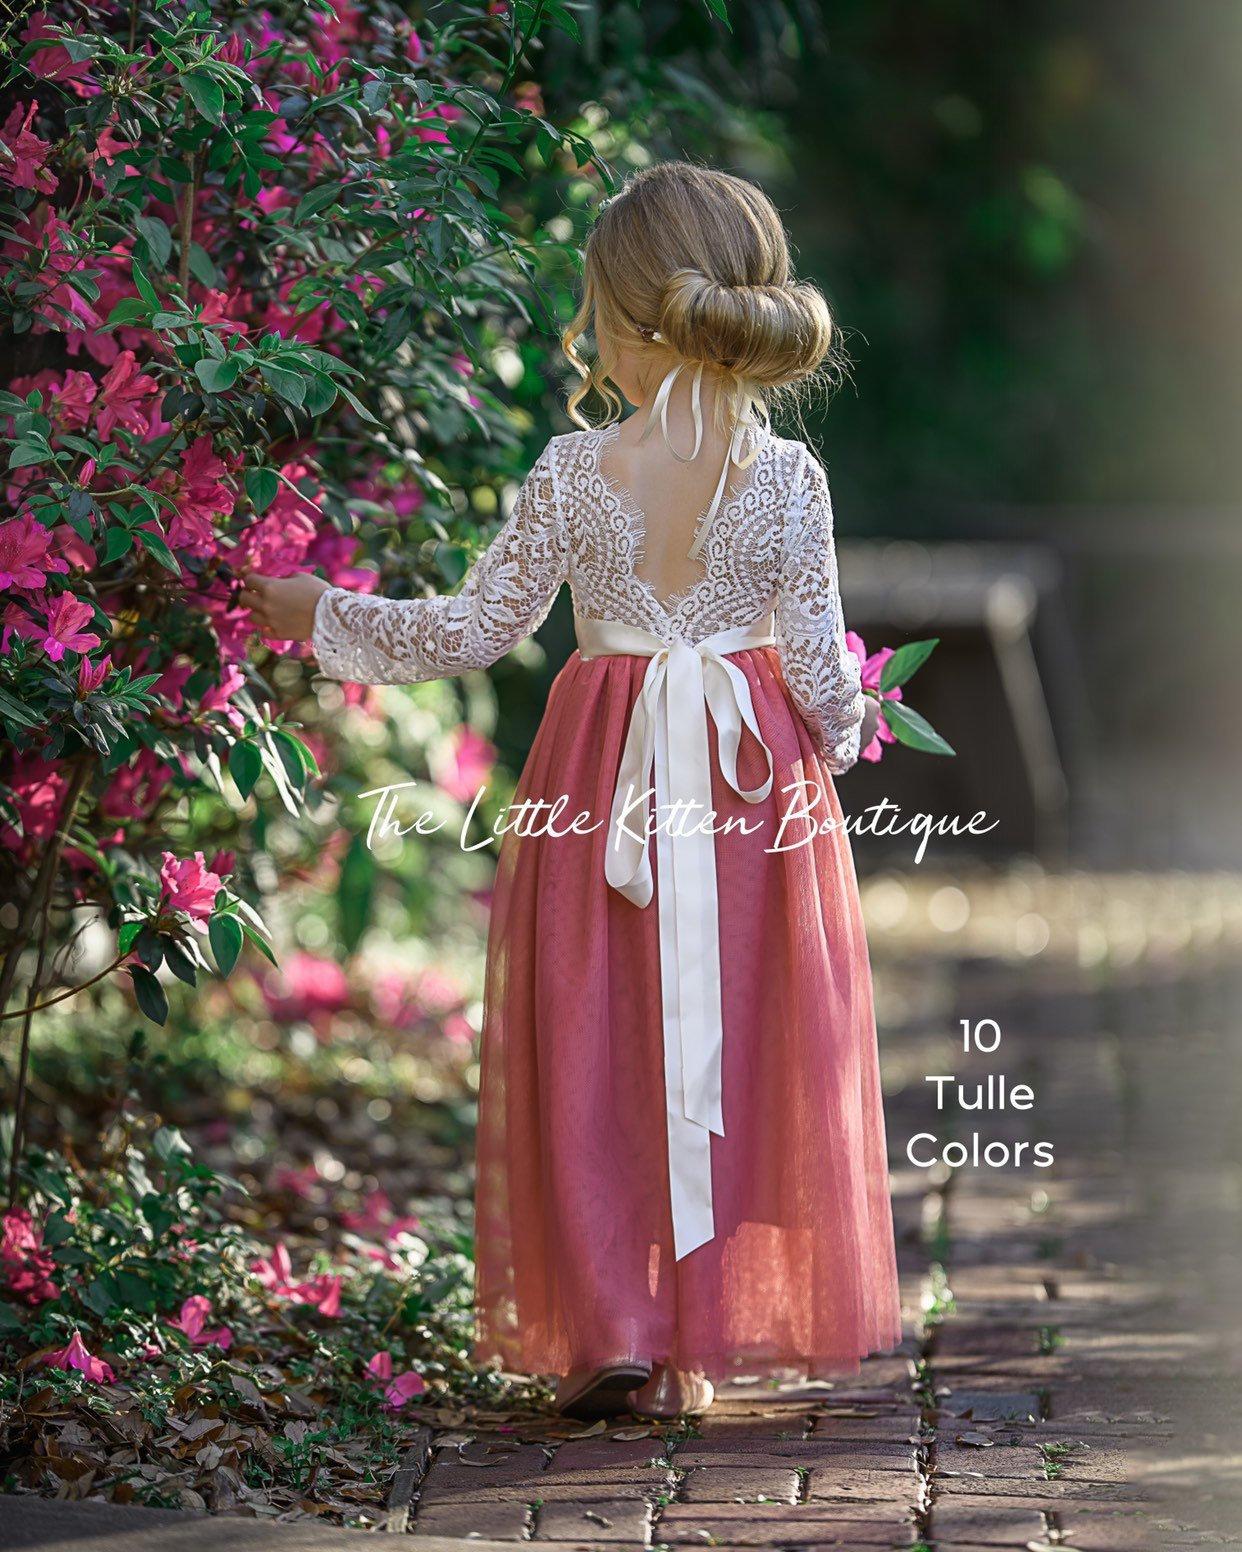 1532c83ba Ivory Flower girl dresses, Tulle flower girl dress, long sleeve flower girl  dress, rustic lace flower girl dress, Boho flower girl dress